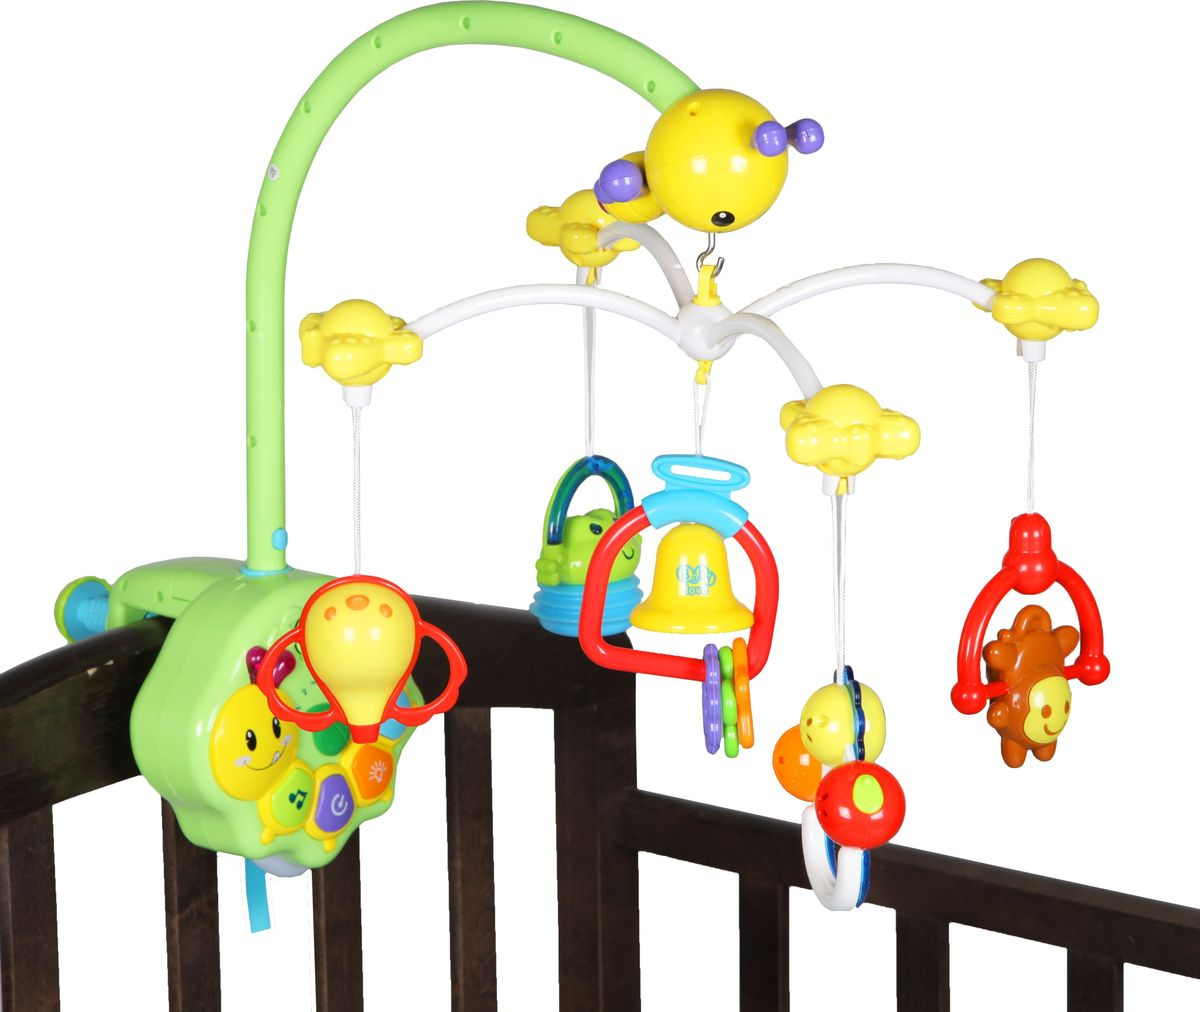 Bairun Мобиль Музыкальная карусель Y360900 - Игрушки для малышей